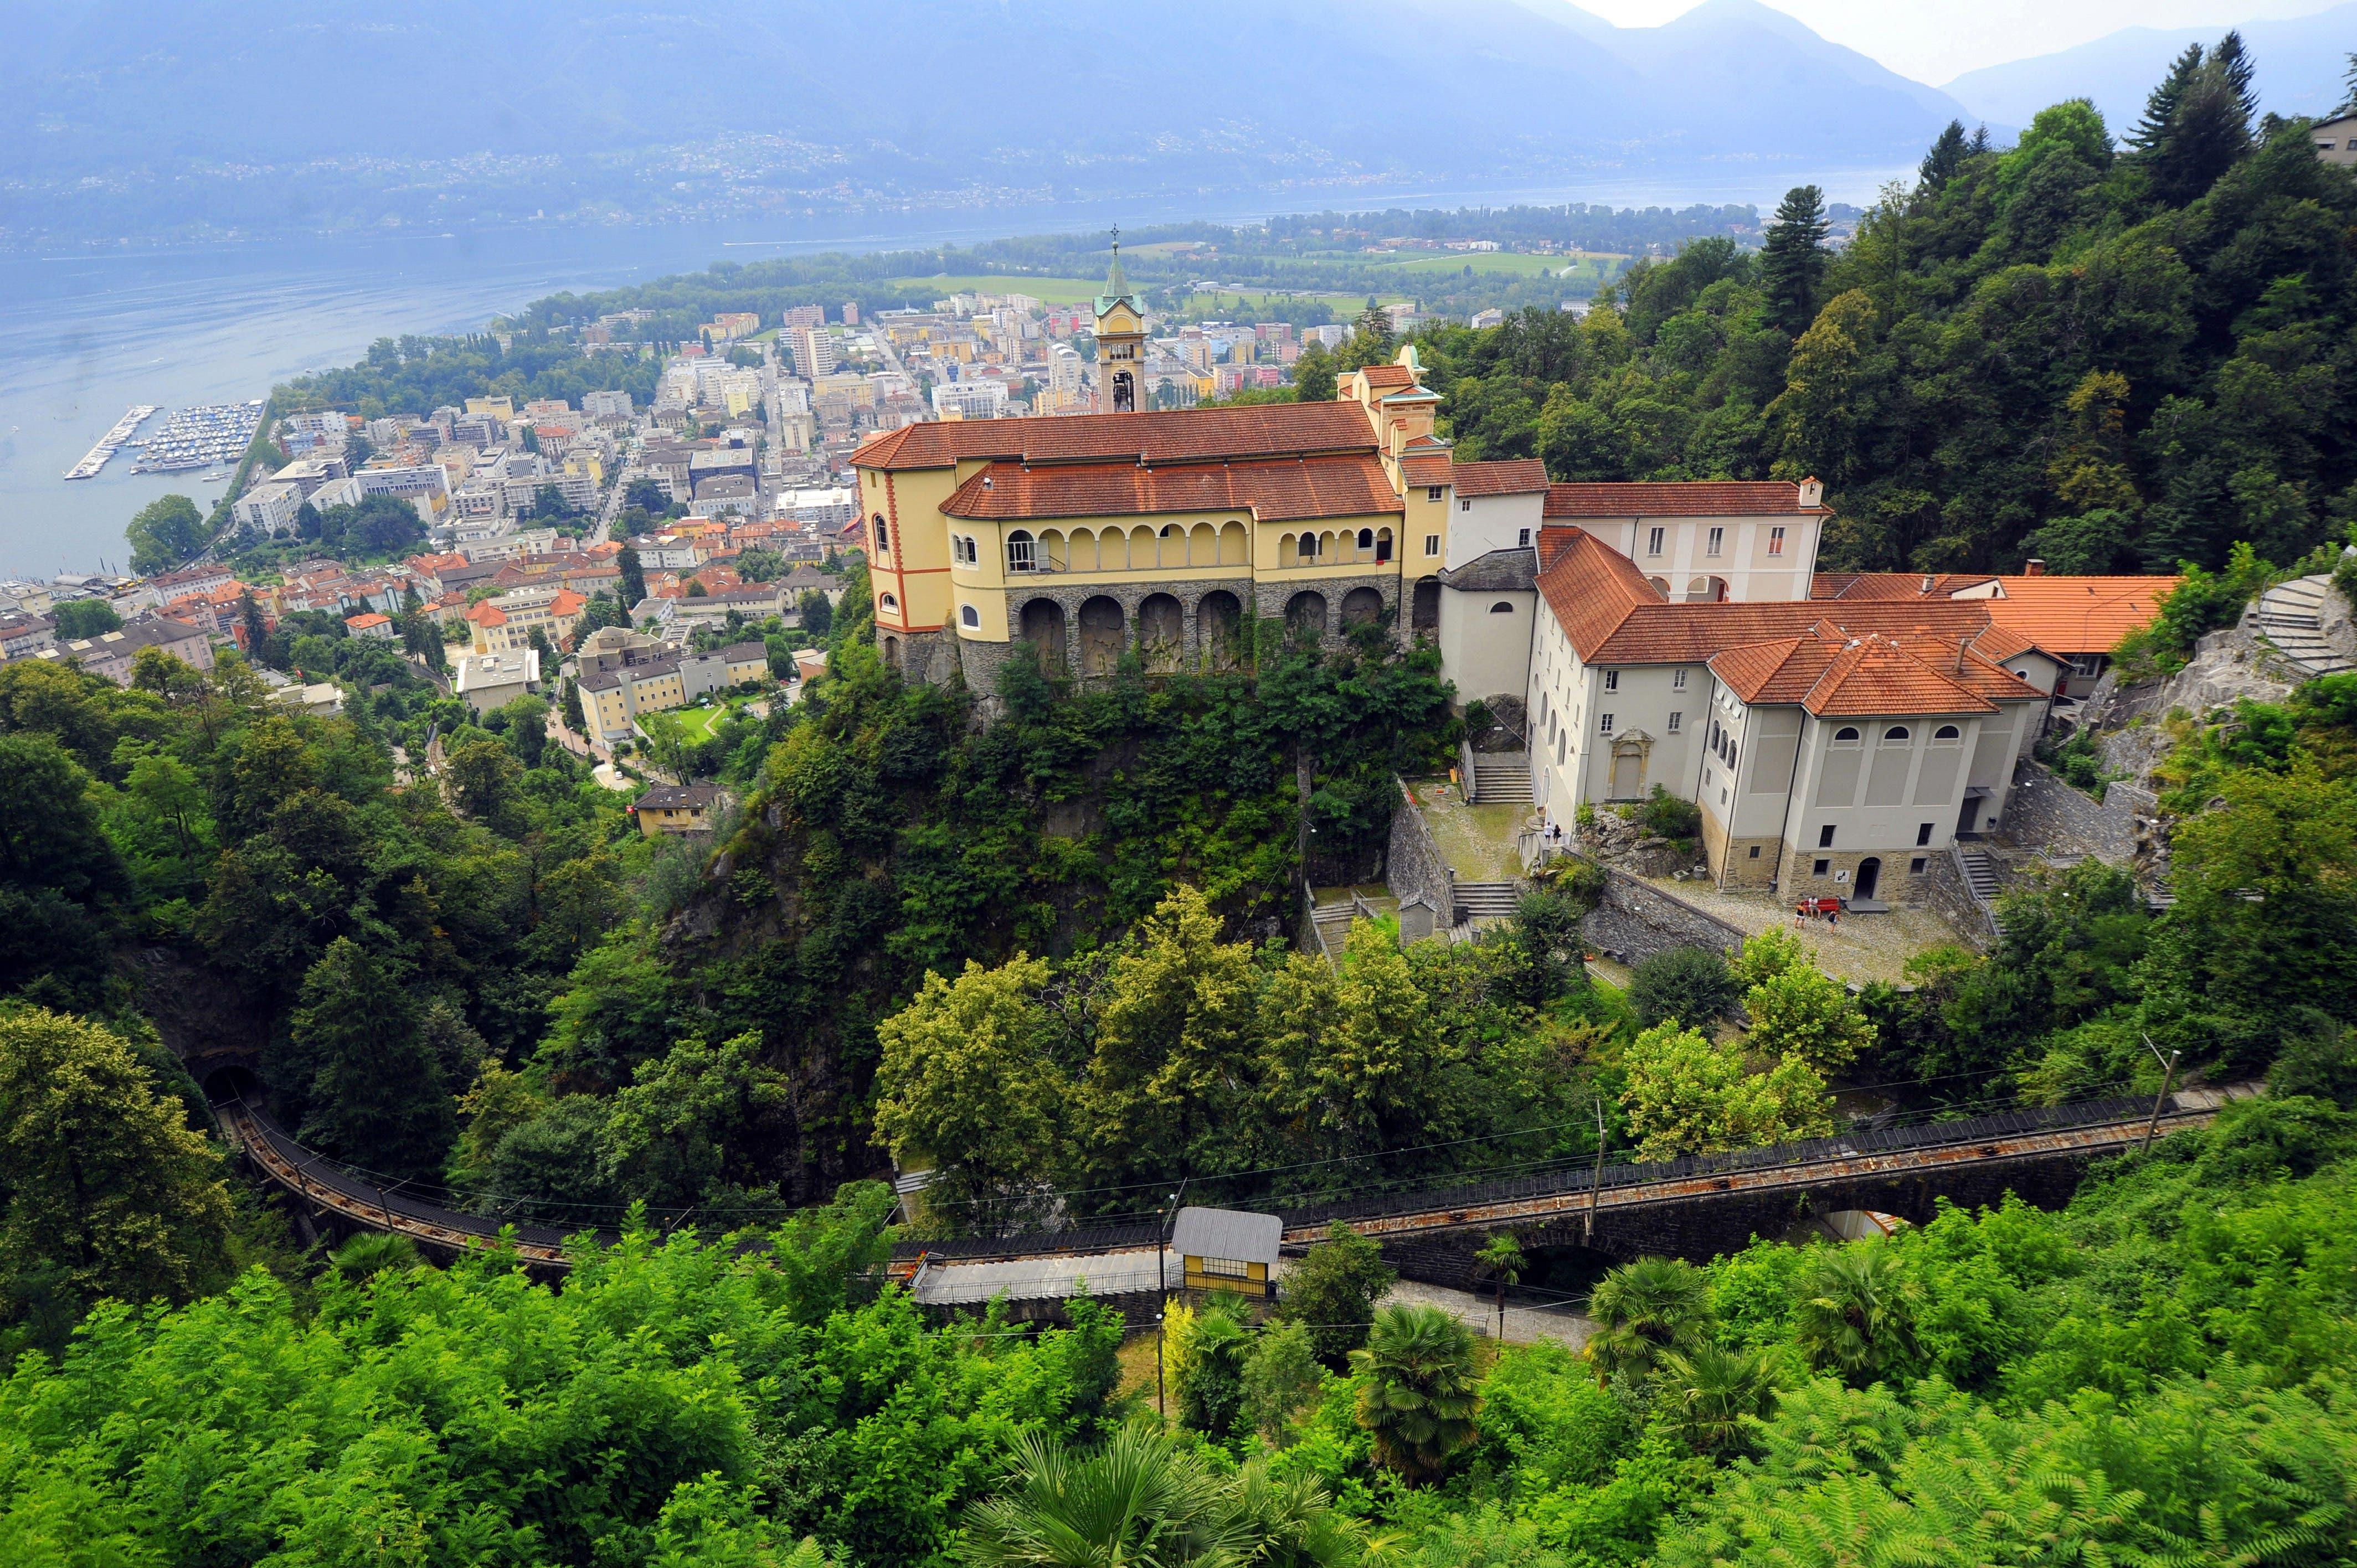 Die Wallfartskirche Madonna del Sasso liegt oberhalb des Lago Maggiore in Orselina TI.